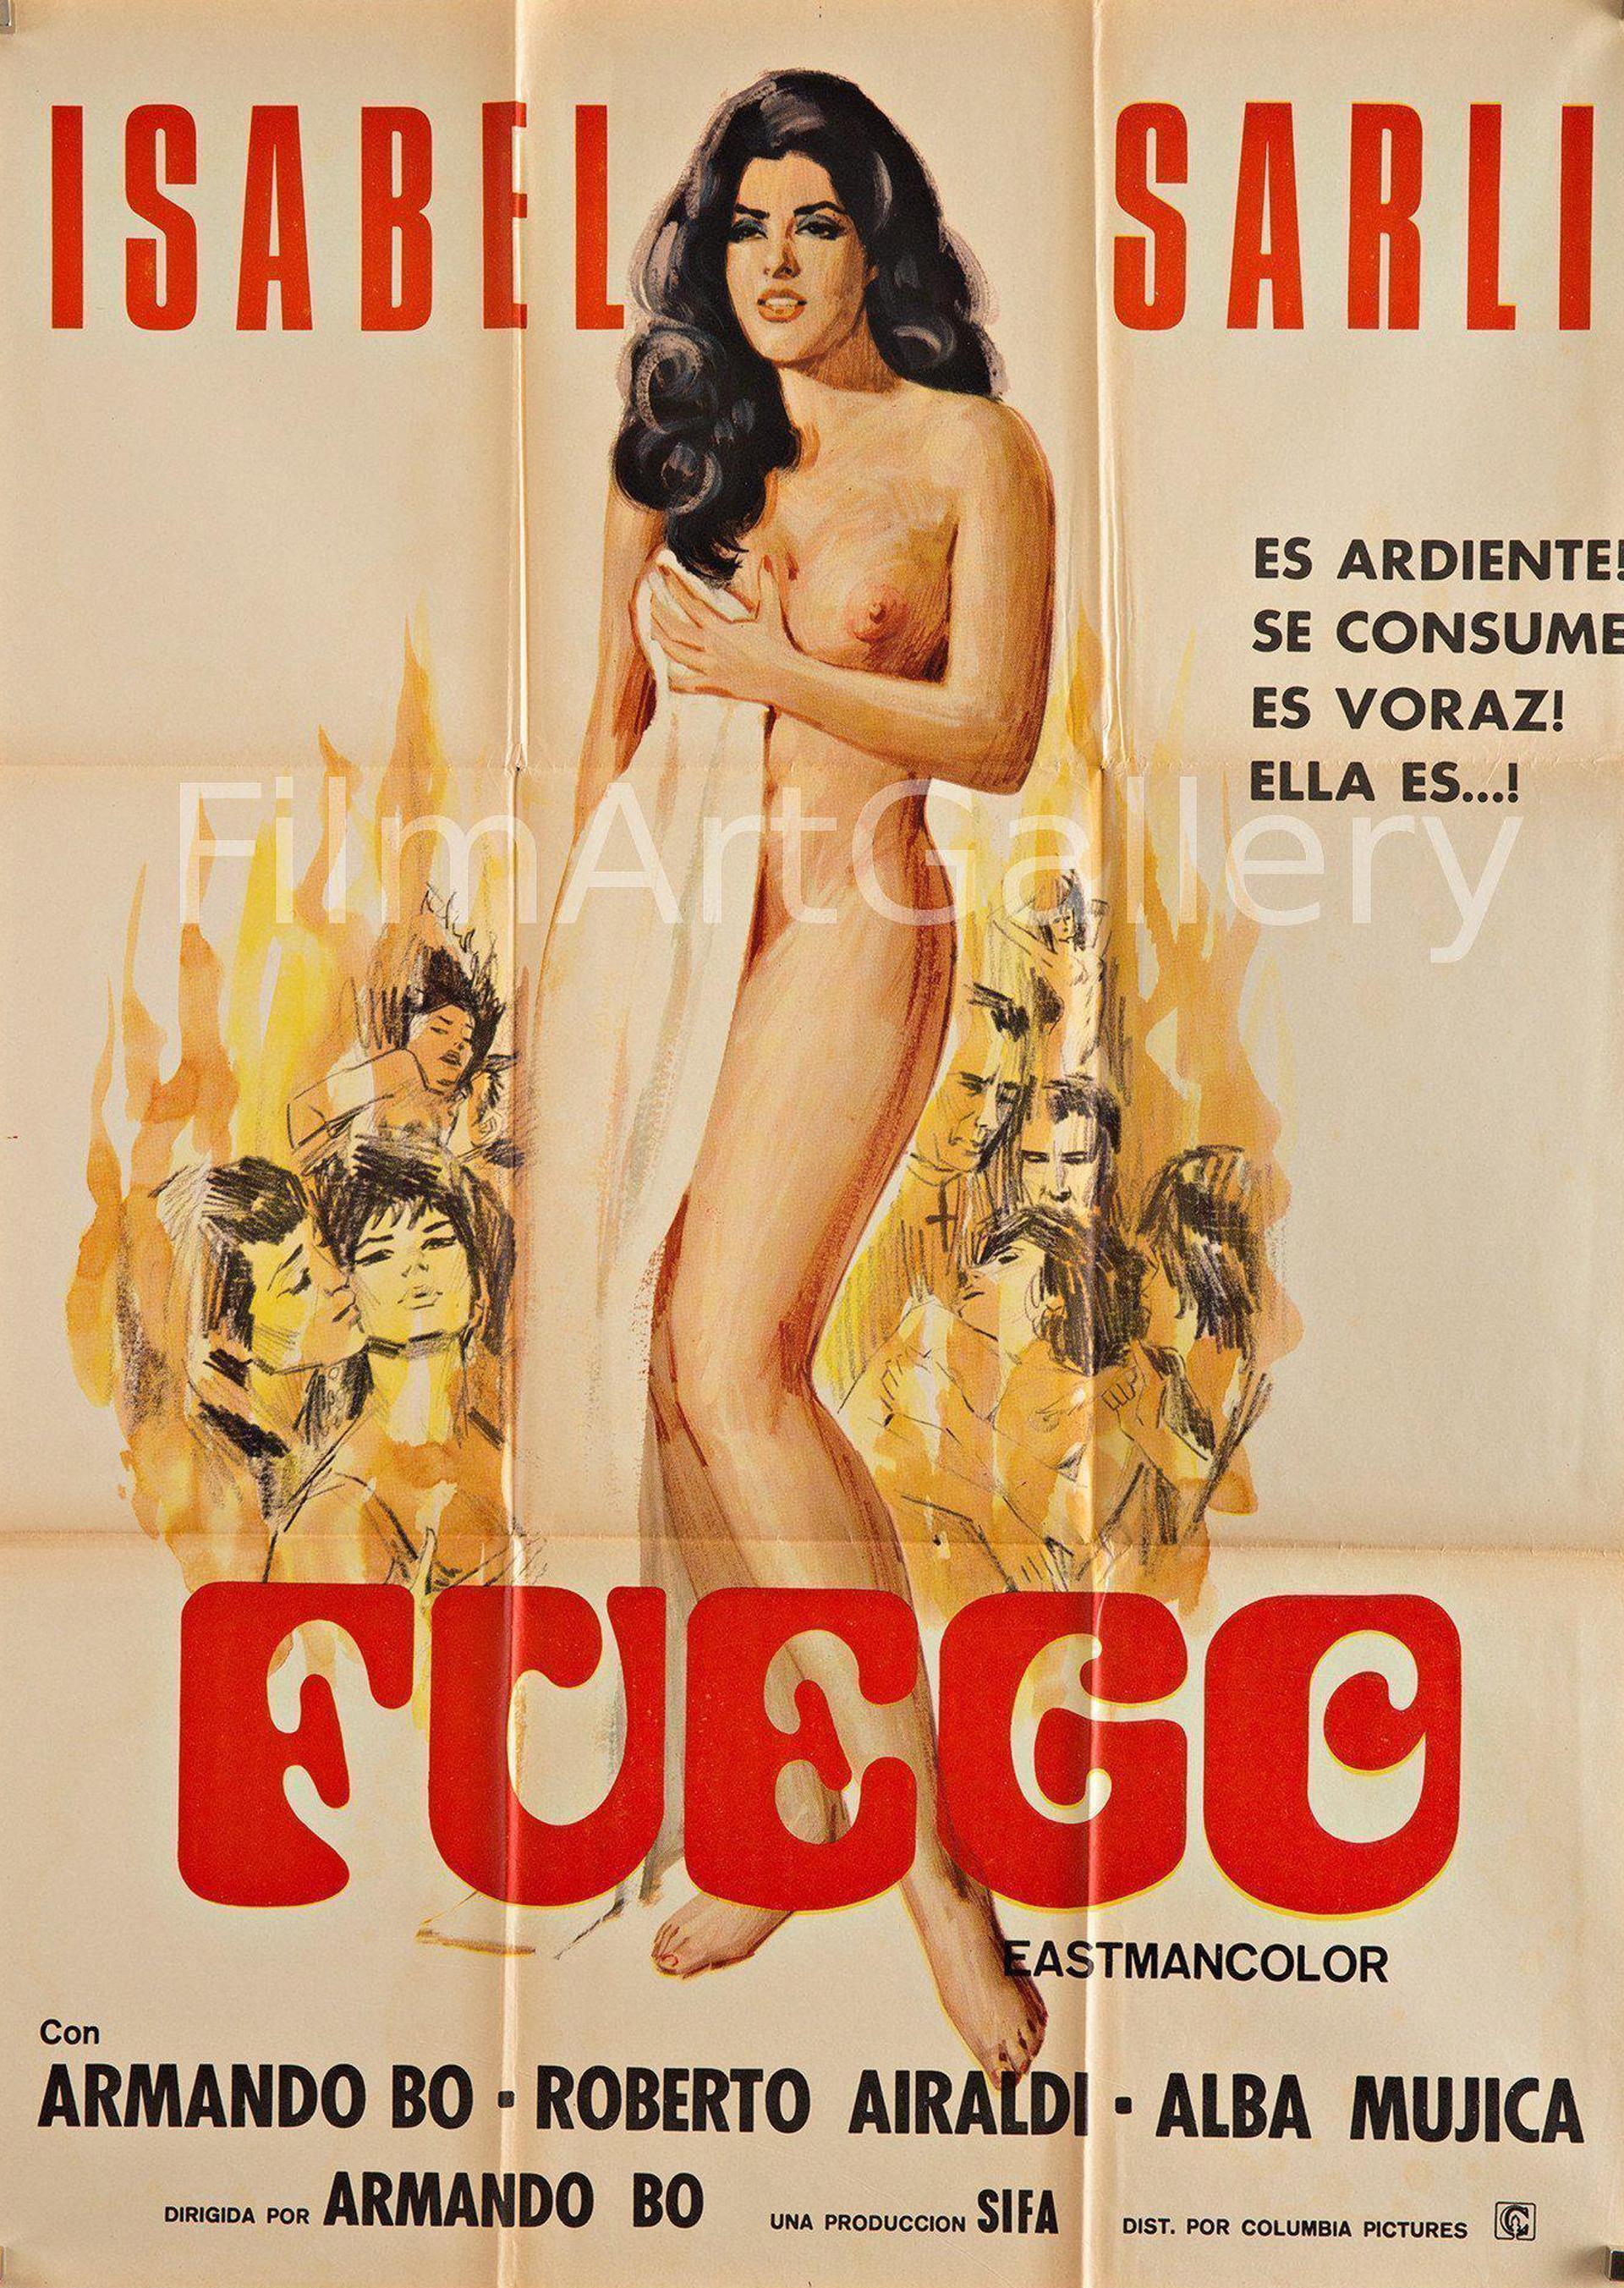 Otro poster de Fuego, de Armando Bó. El director John Waters dijo que era uno de sus filmes favoritos y la presentó en el 2002 en el Maryland Film Festival